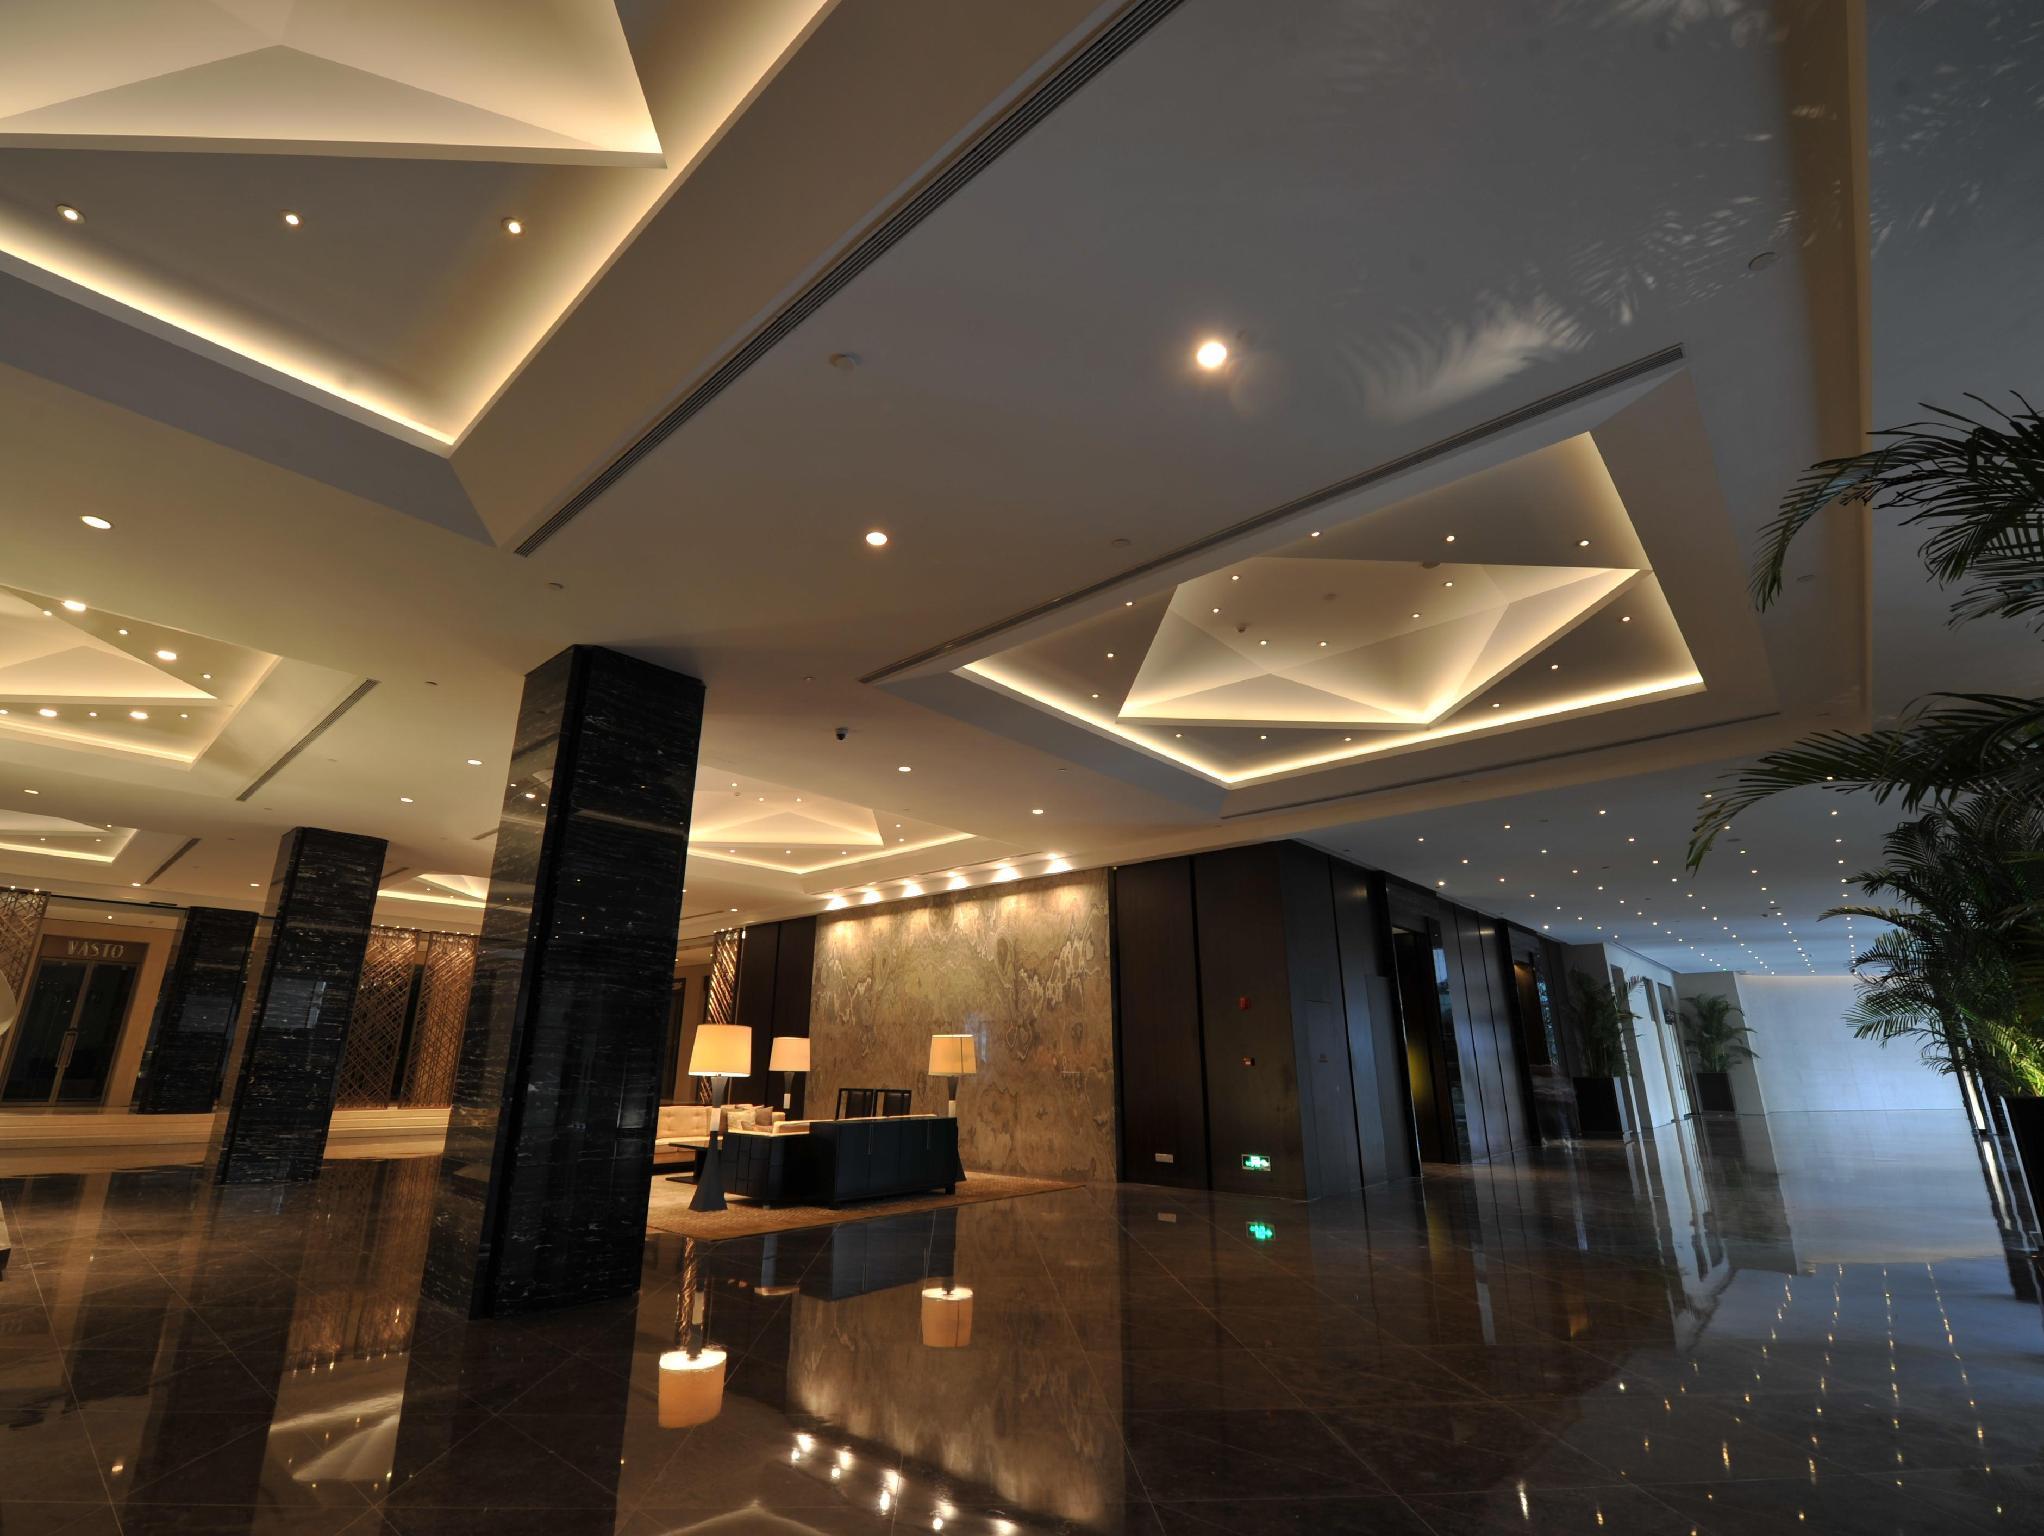 Jinling Hotel Nanjing Nanjing, China: Agoda.com